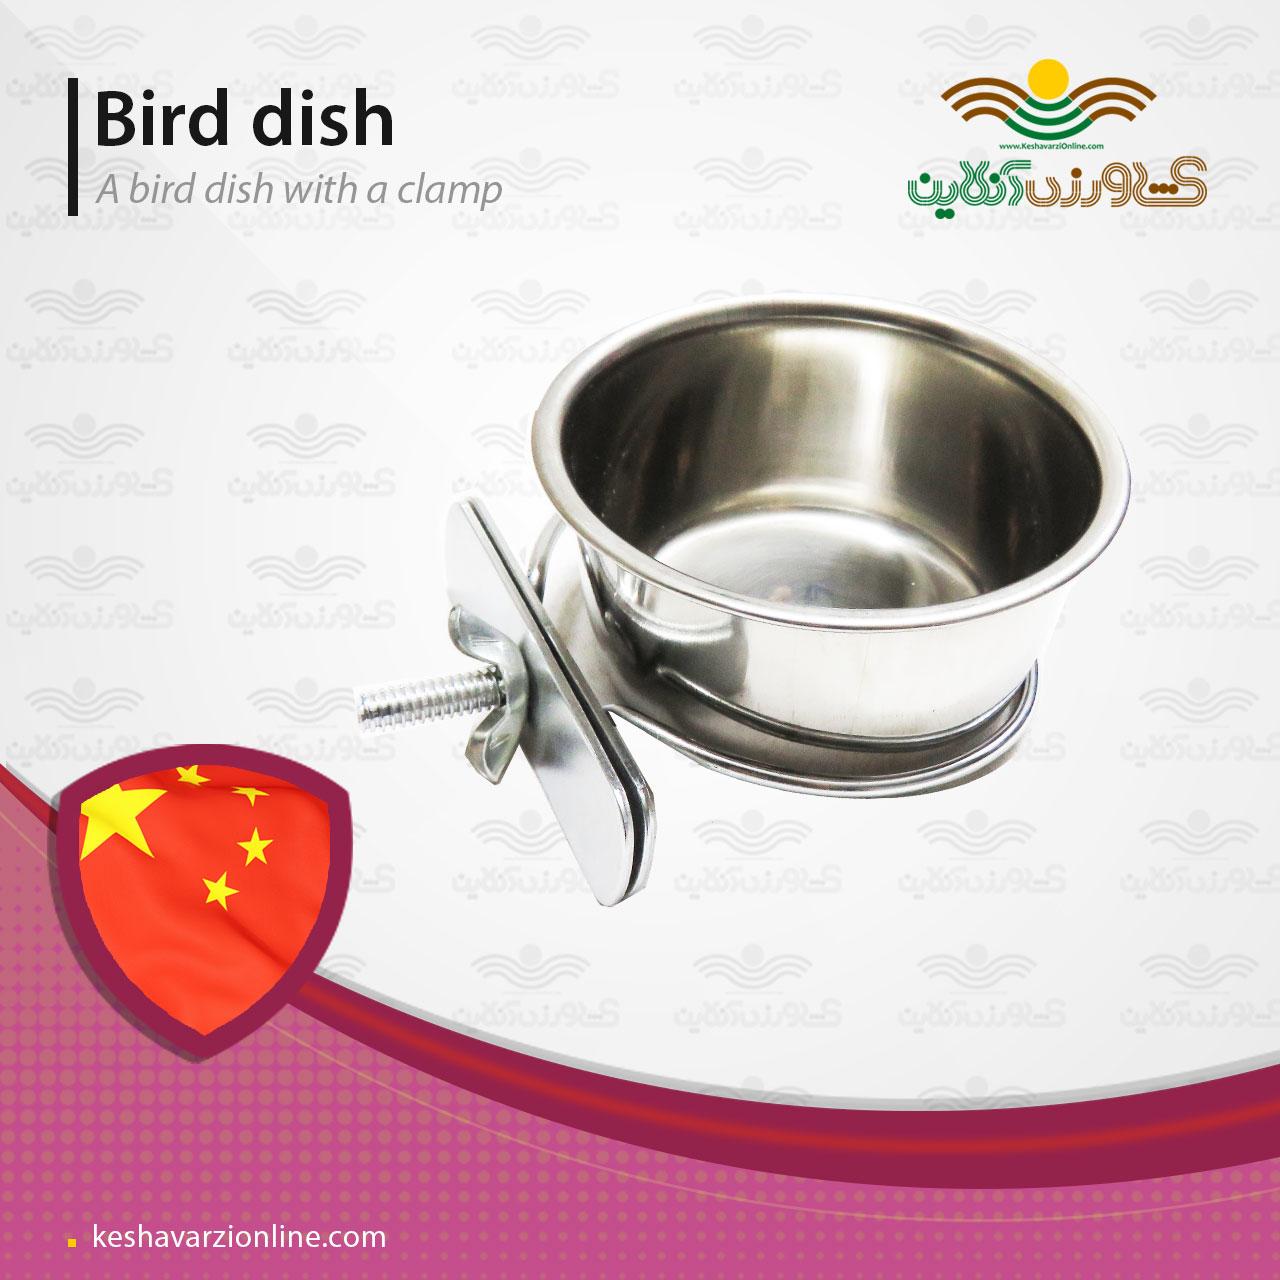 پت شاپ ظرف غذای پرنده با گیره پیچ دار